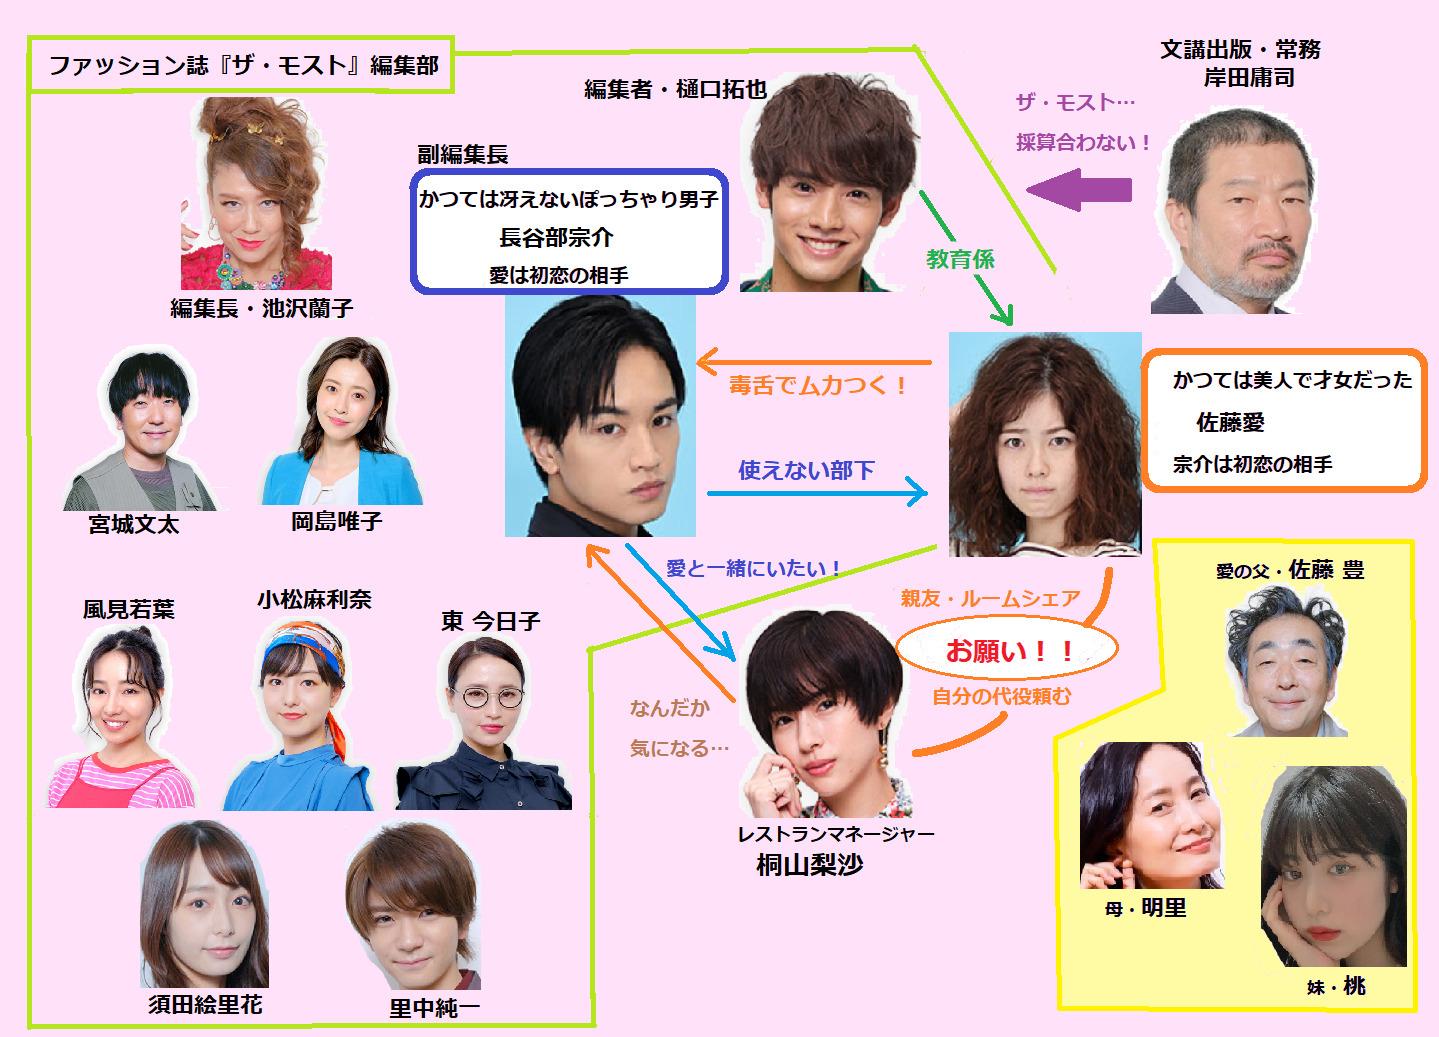 かのきれ日本版キャスト相関図一覧!年齢や原作との違いも画像で比較